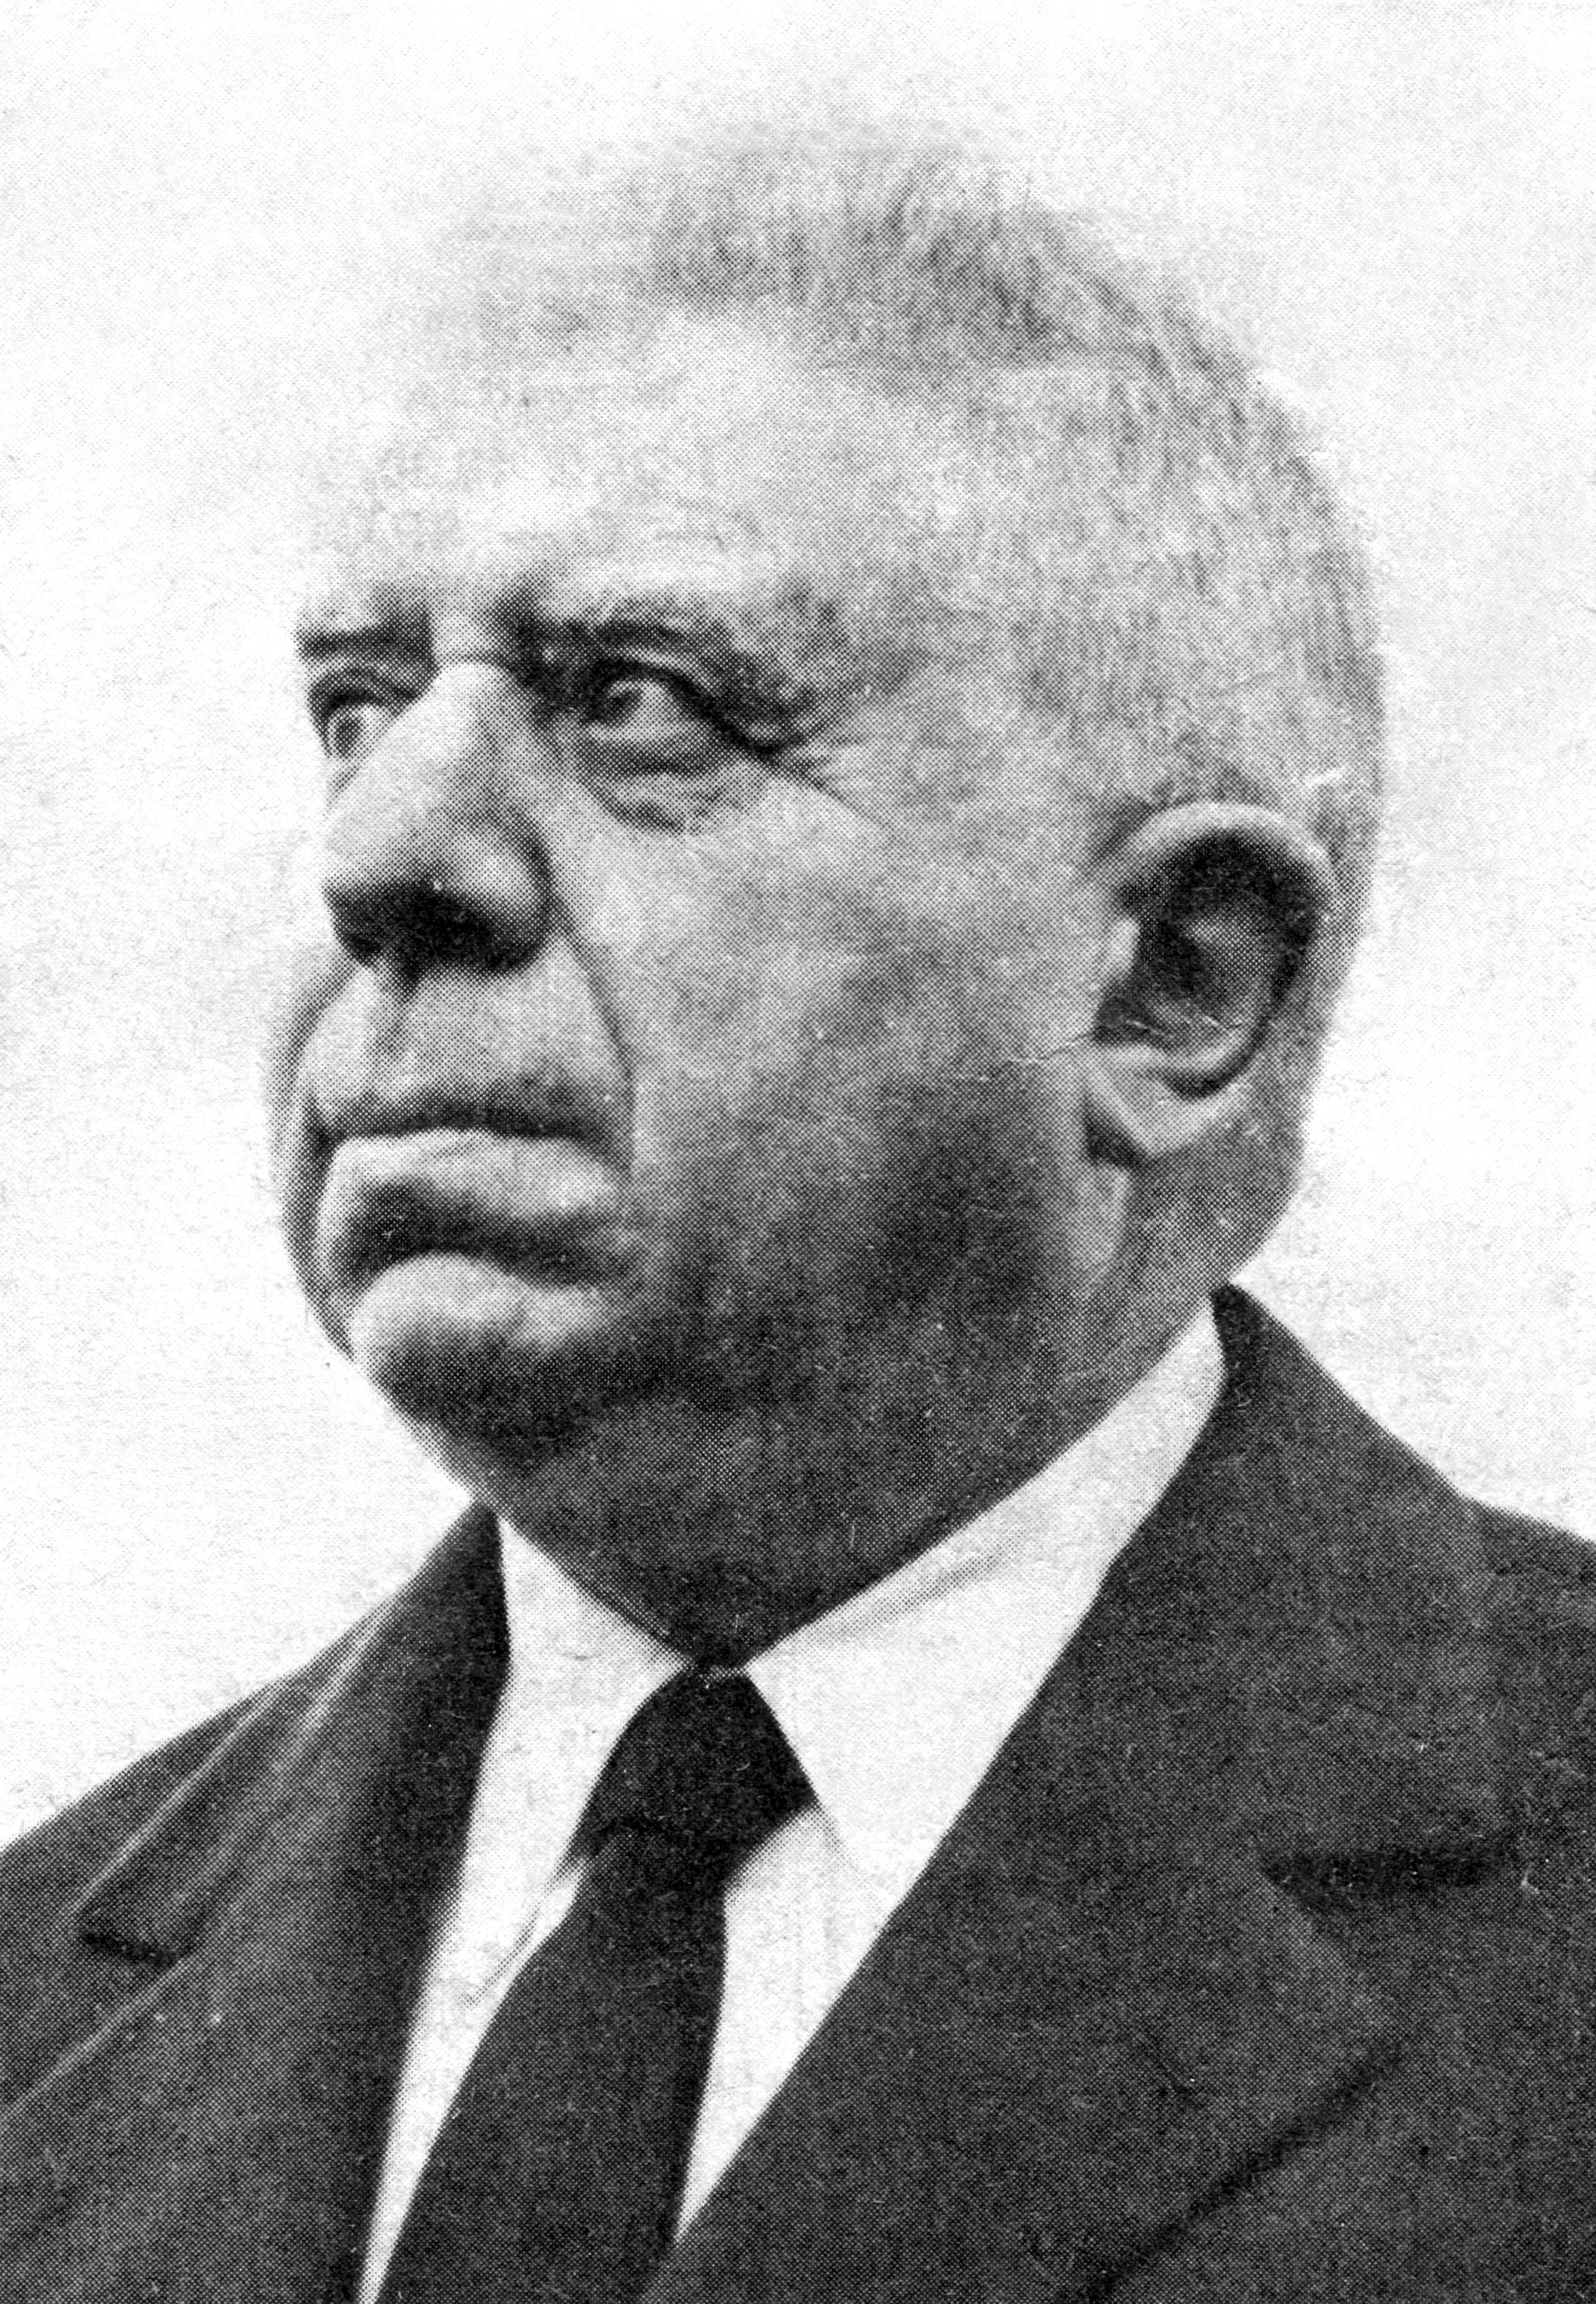 Eugenio Montale poeta